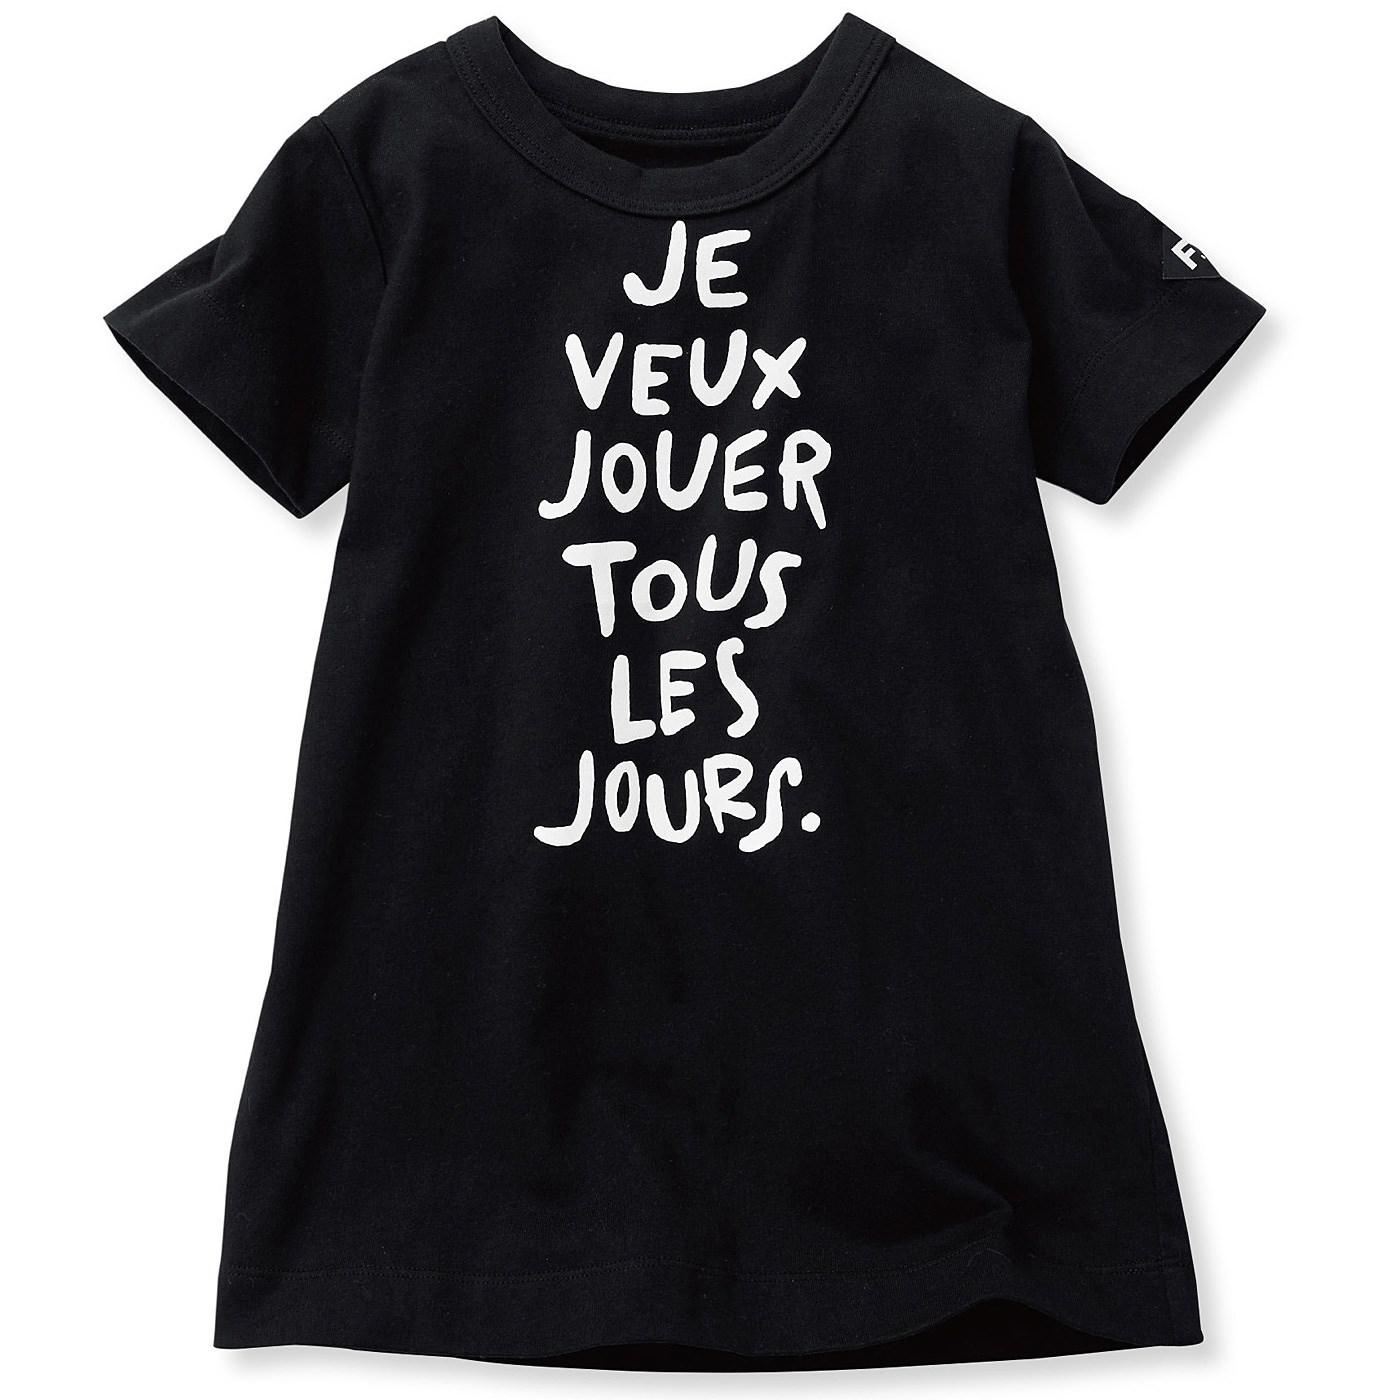 コットン素材のロゴがおしゃれな長め丈Tシャツ〈ブラック〉